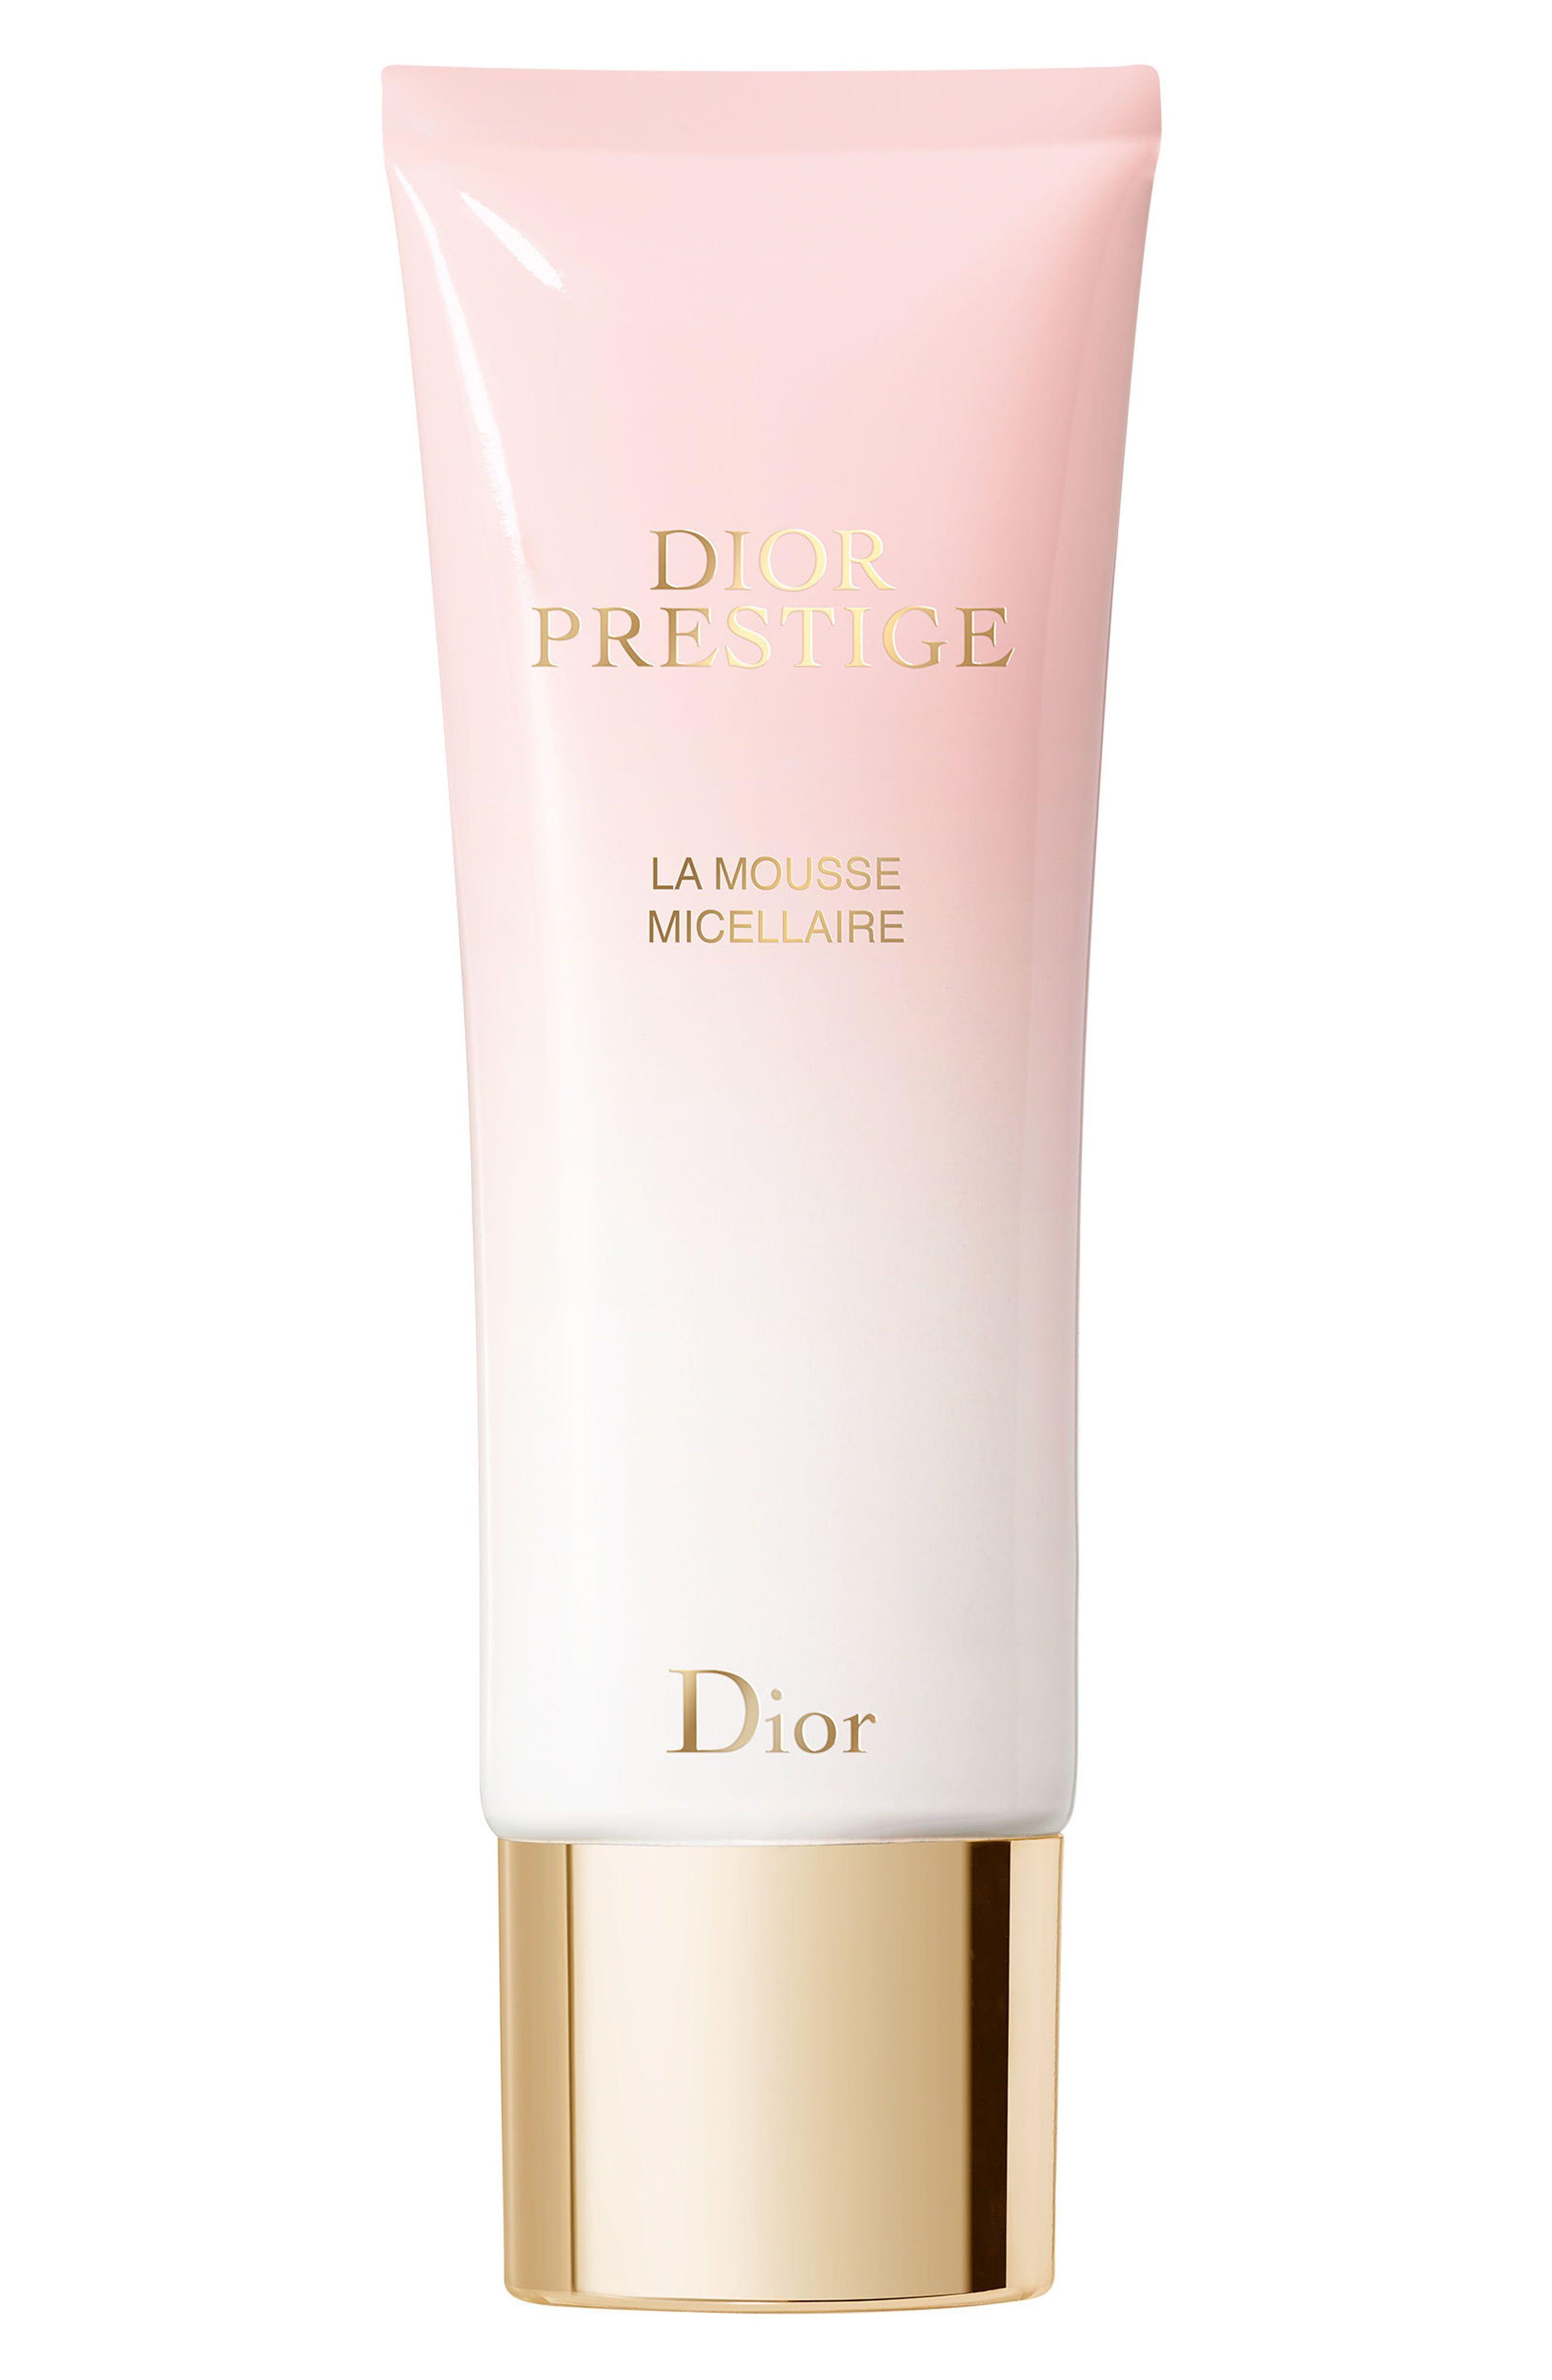 Dior Prestige La Mousse Micellaire Rose Whipped Mousse Cleanser Nordstrom Produtos De Beleza Maquiagem Beleza